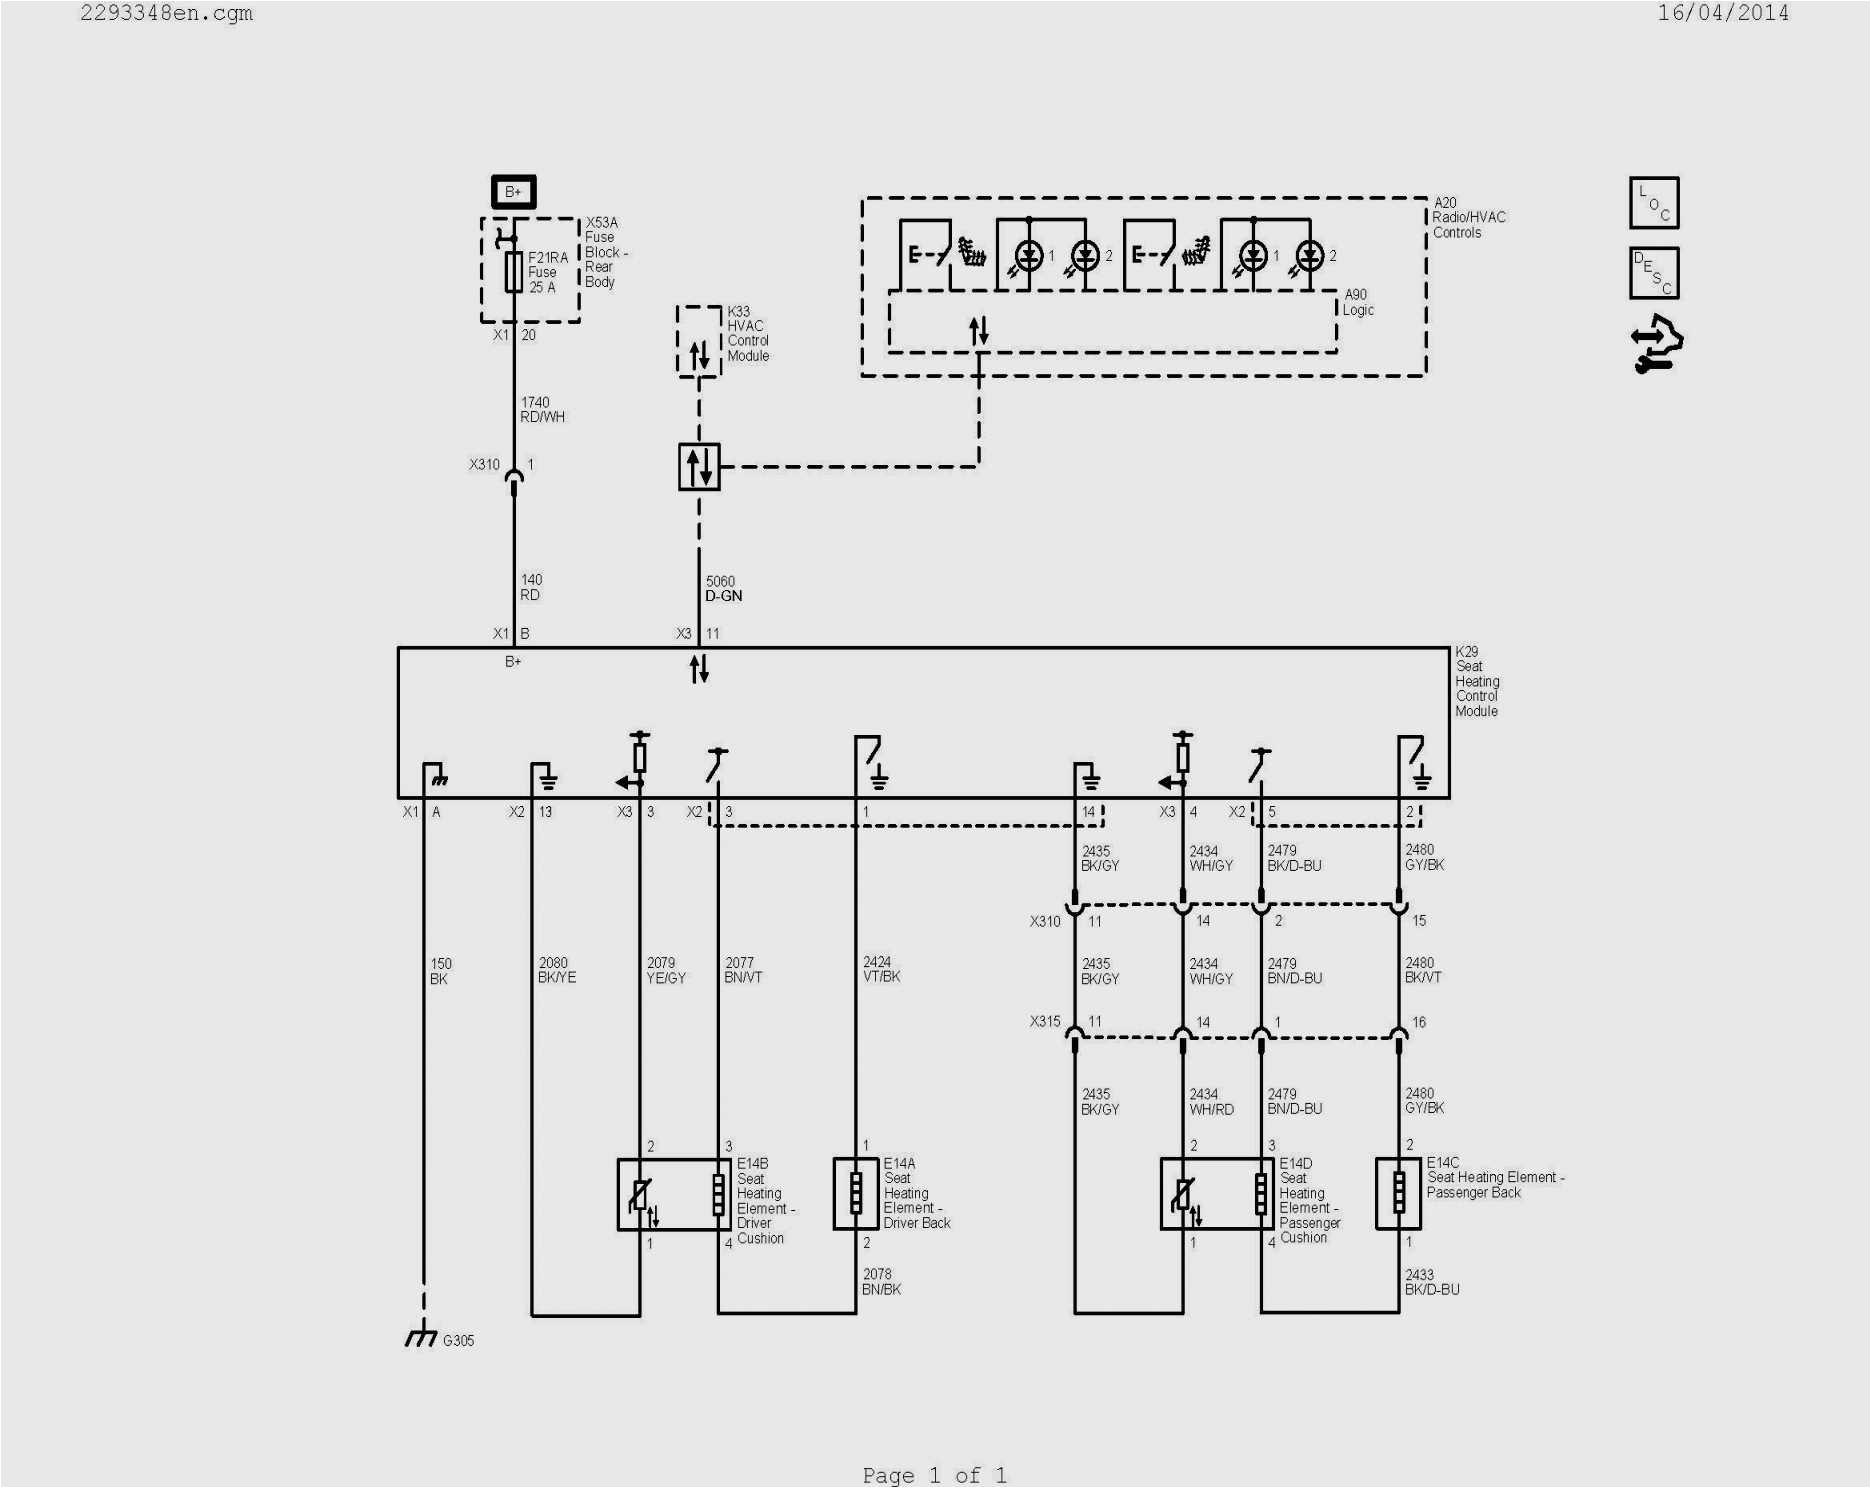 kawasaki bayou 300 wiring diagram nest wireless thermostat wiring diagram refrence wiring diagram ac valid hvac diagram best hvac diagram 0d